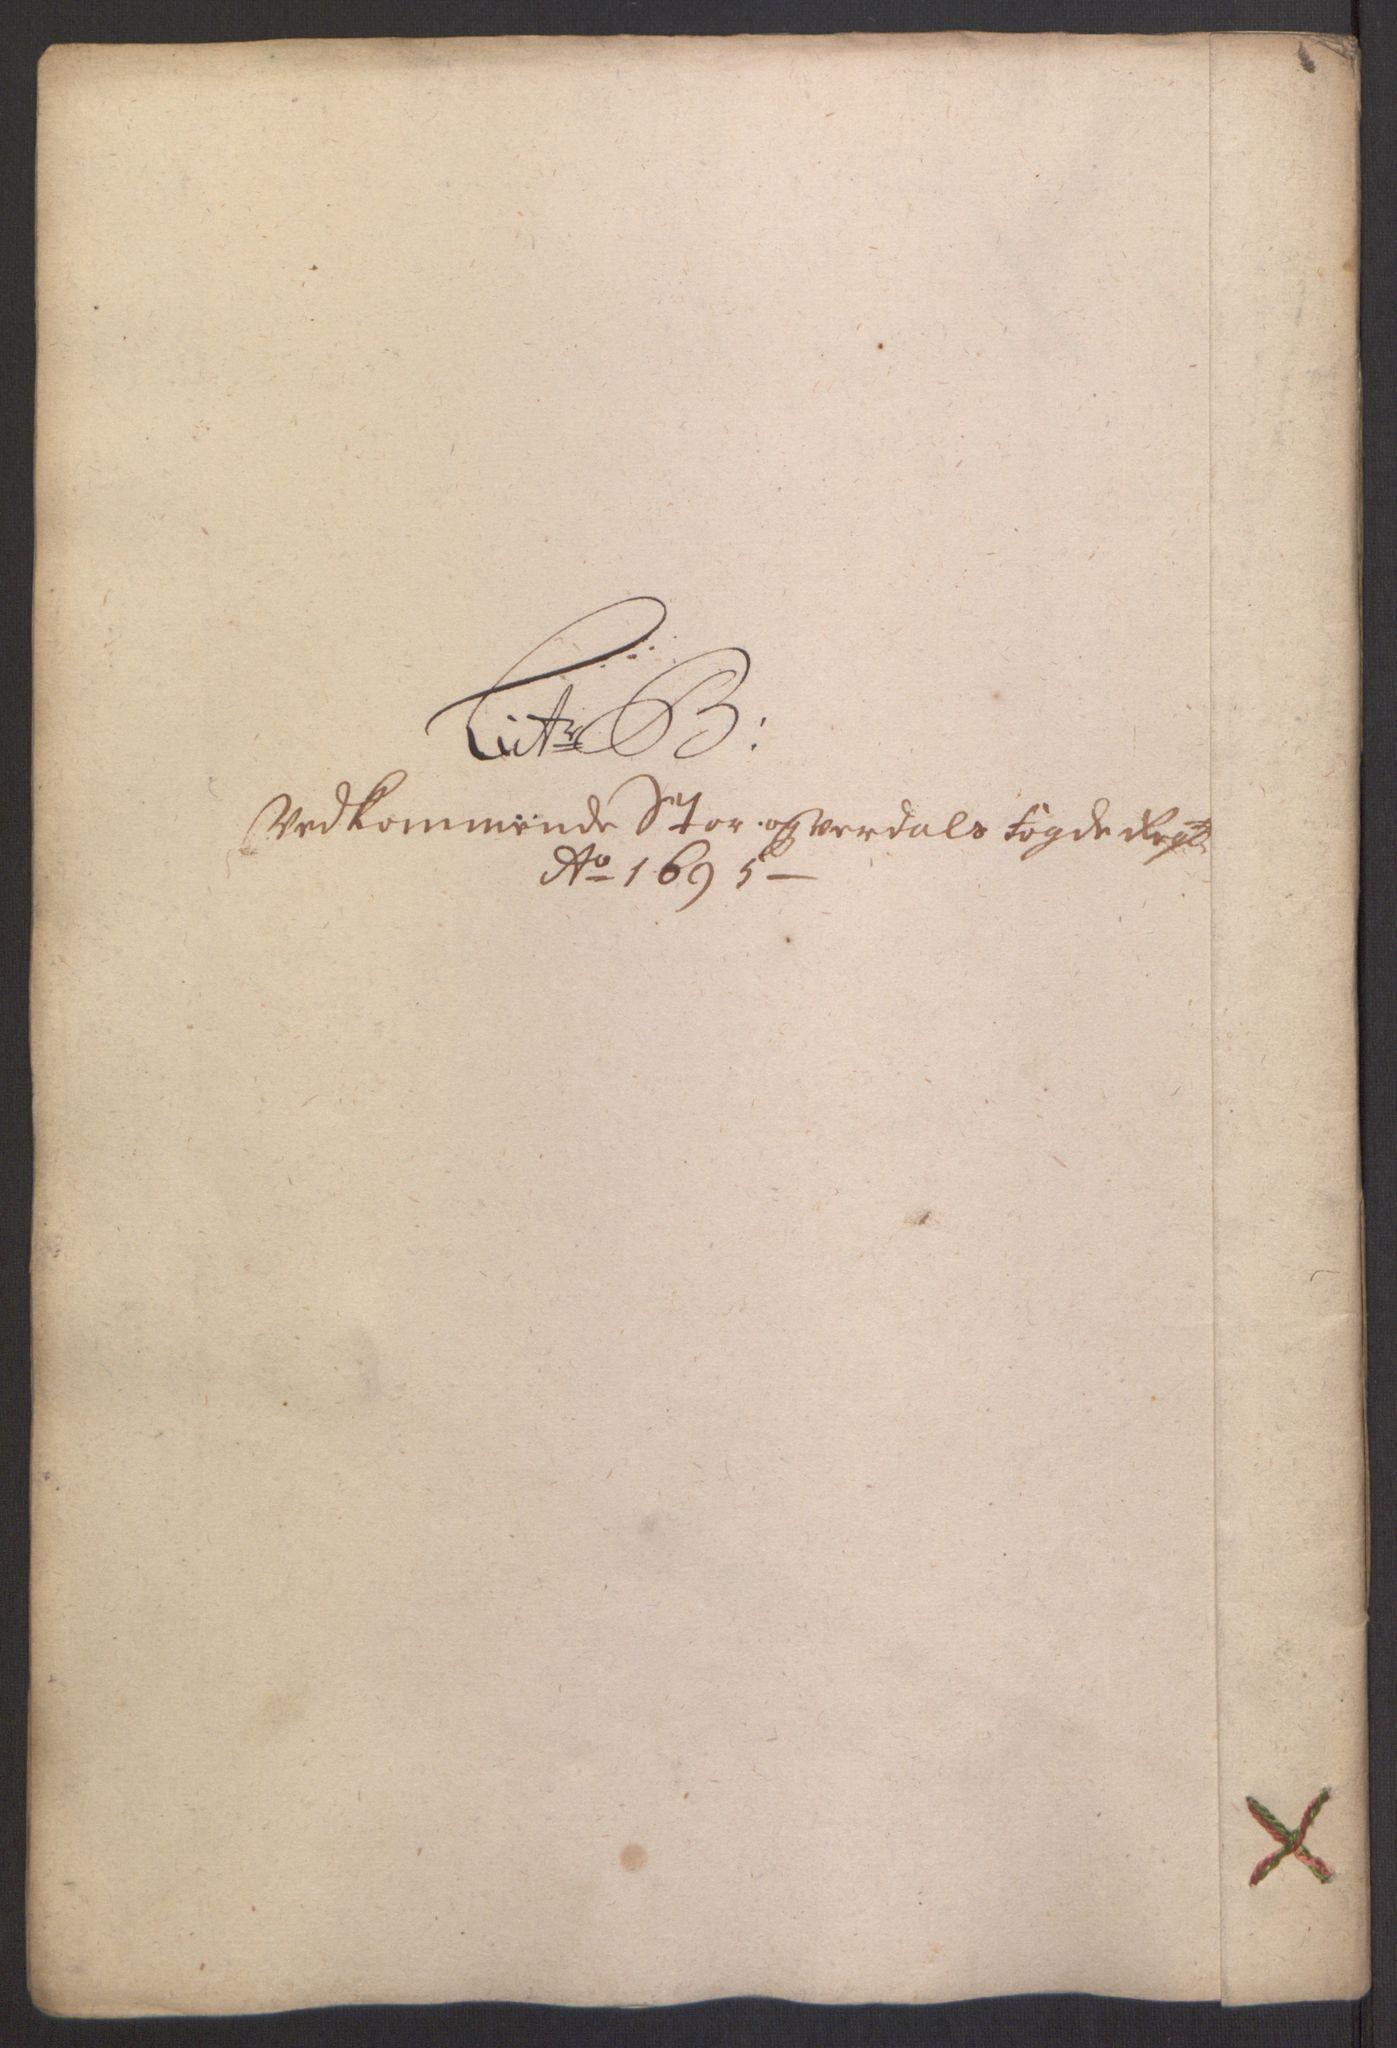 RA, Rentekammeret inntil 1814, Reviderte regnskaper, Fogderegnskap, R62/L4187: Fogderegnskap Stjørdal og Verdal, 1695, s. 55